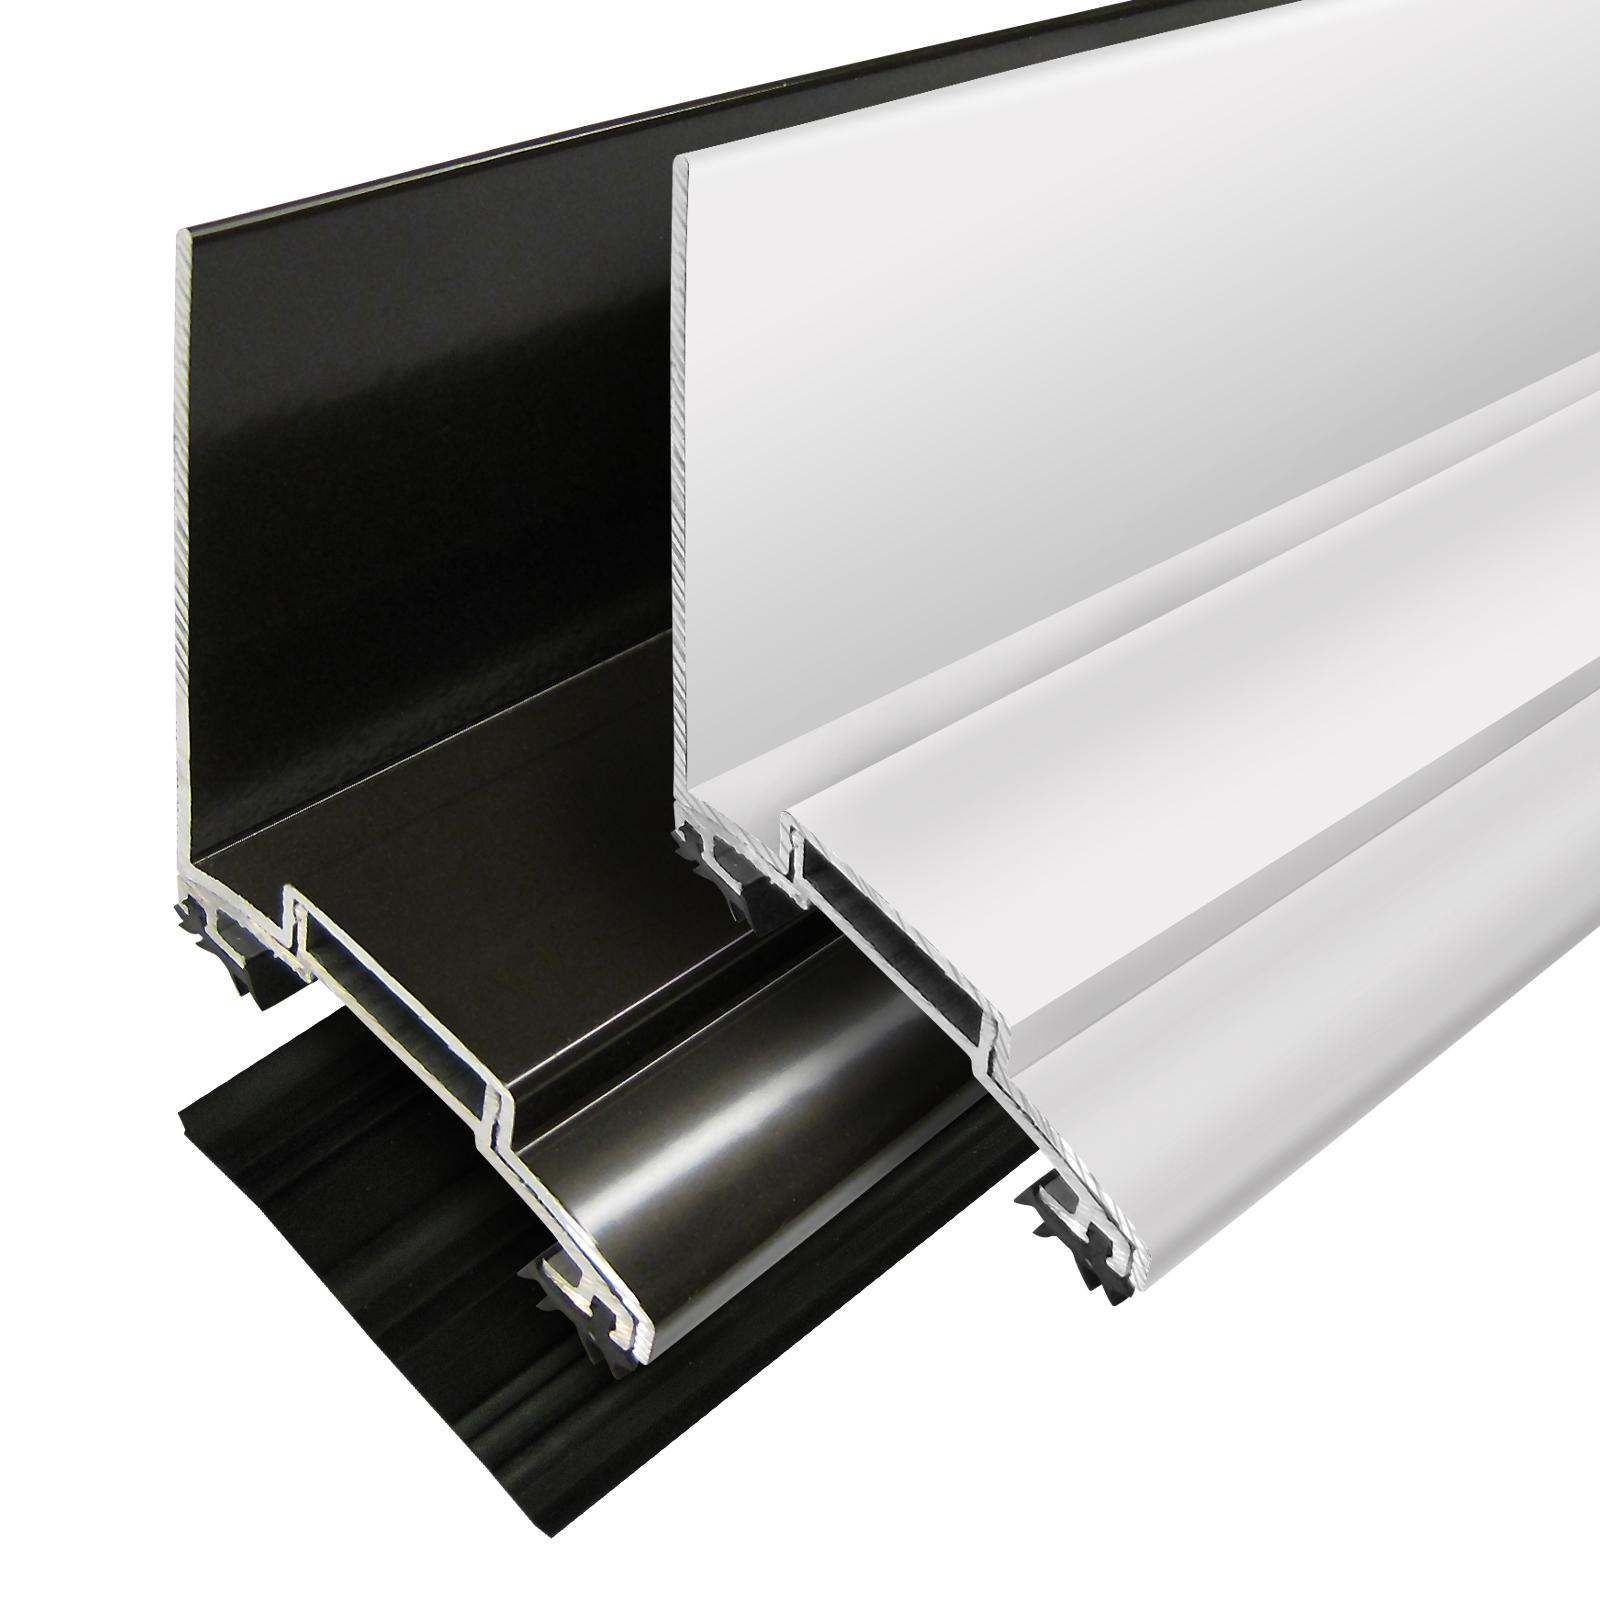 60mm Alukap Xr Aluminium Screw Down Wall Bar For